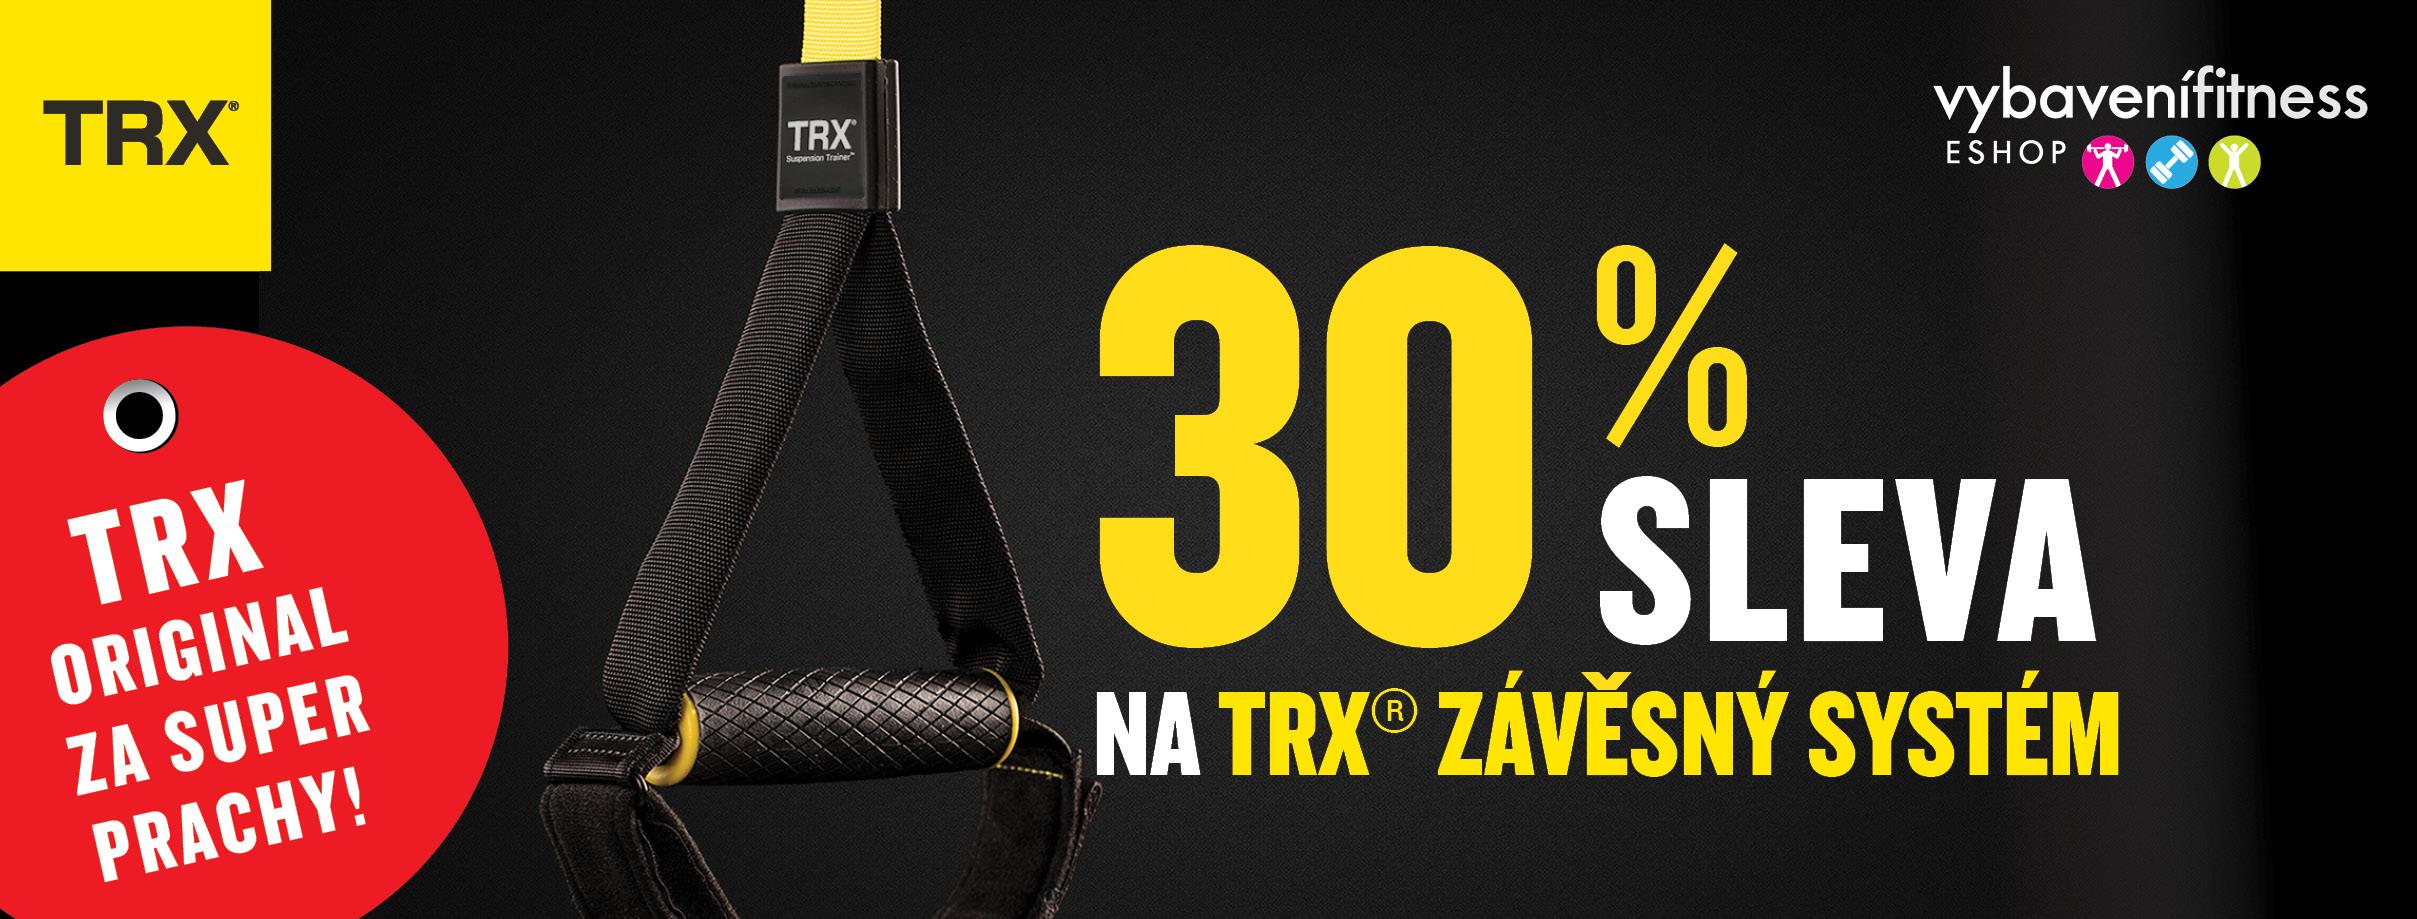 TRX sleva 30 % na závěsný systém TRX